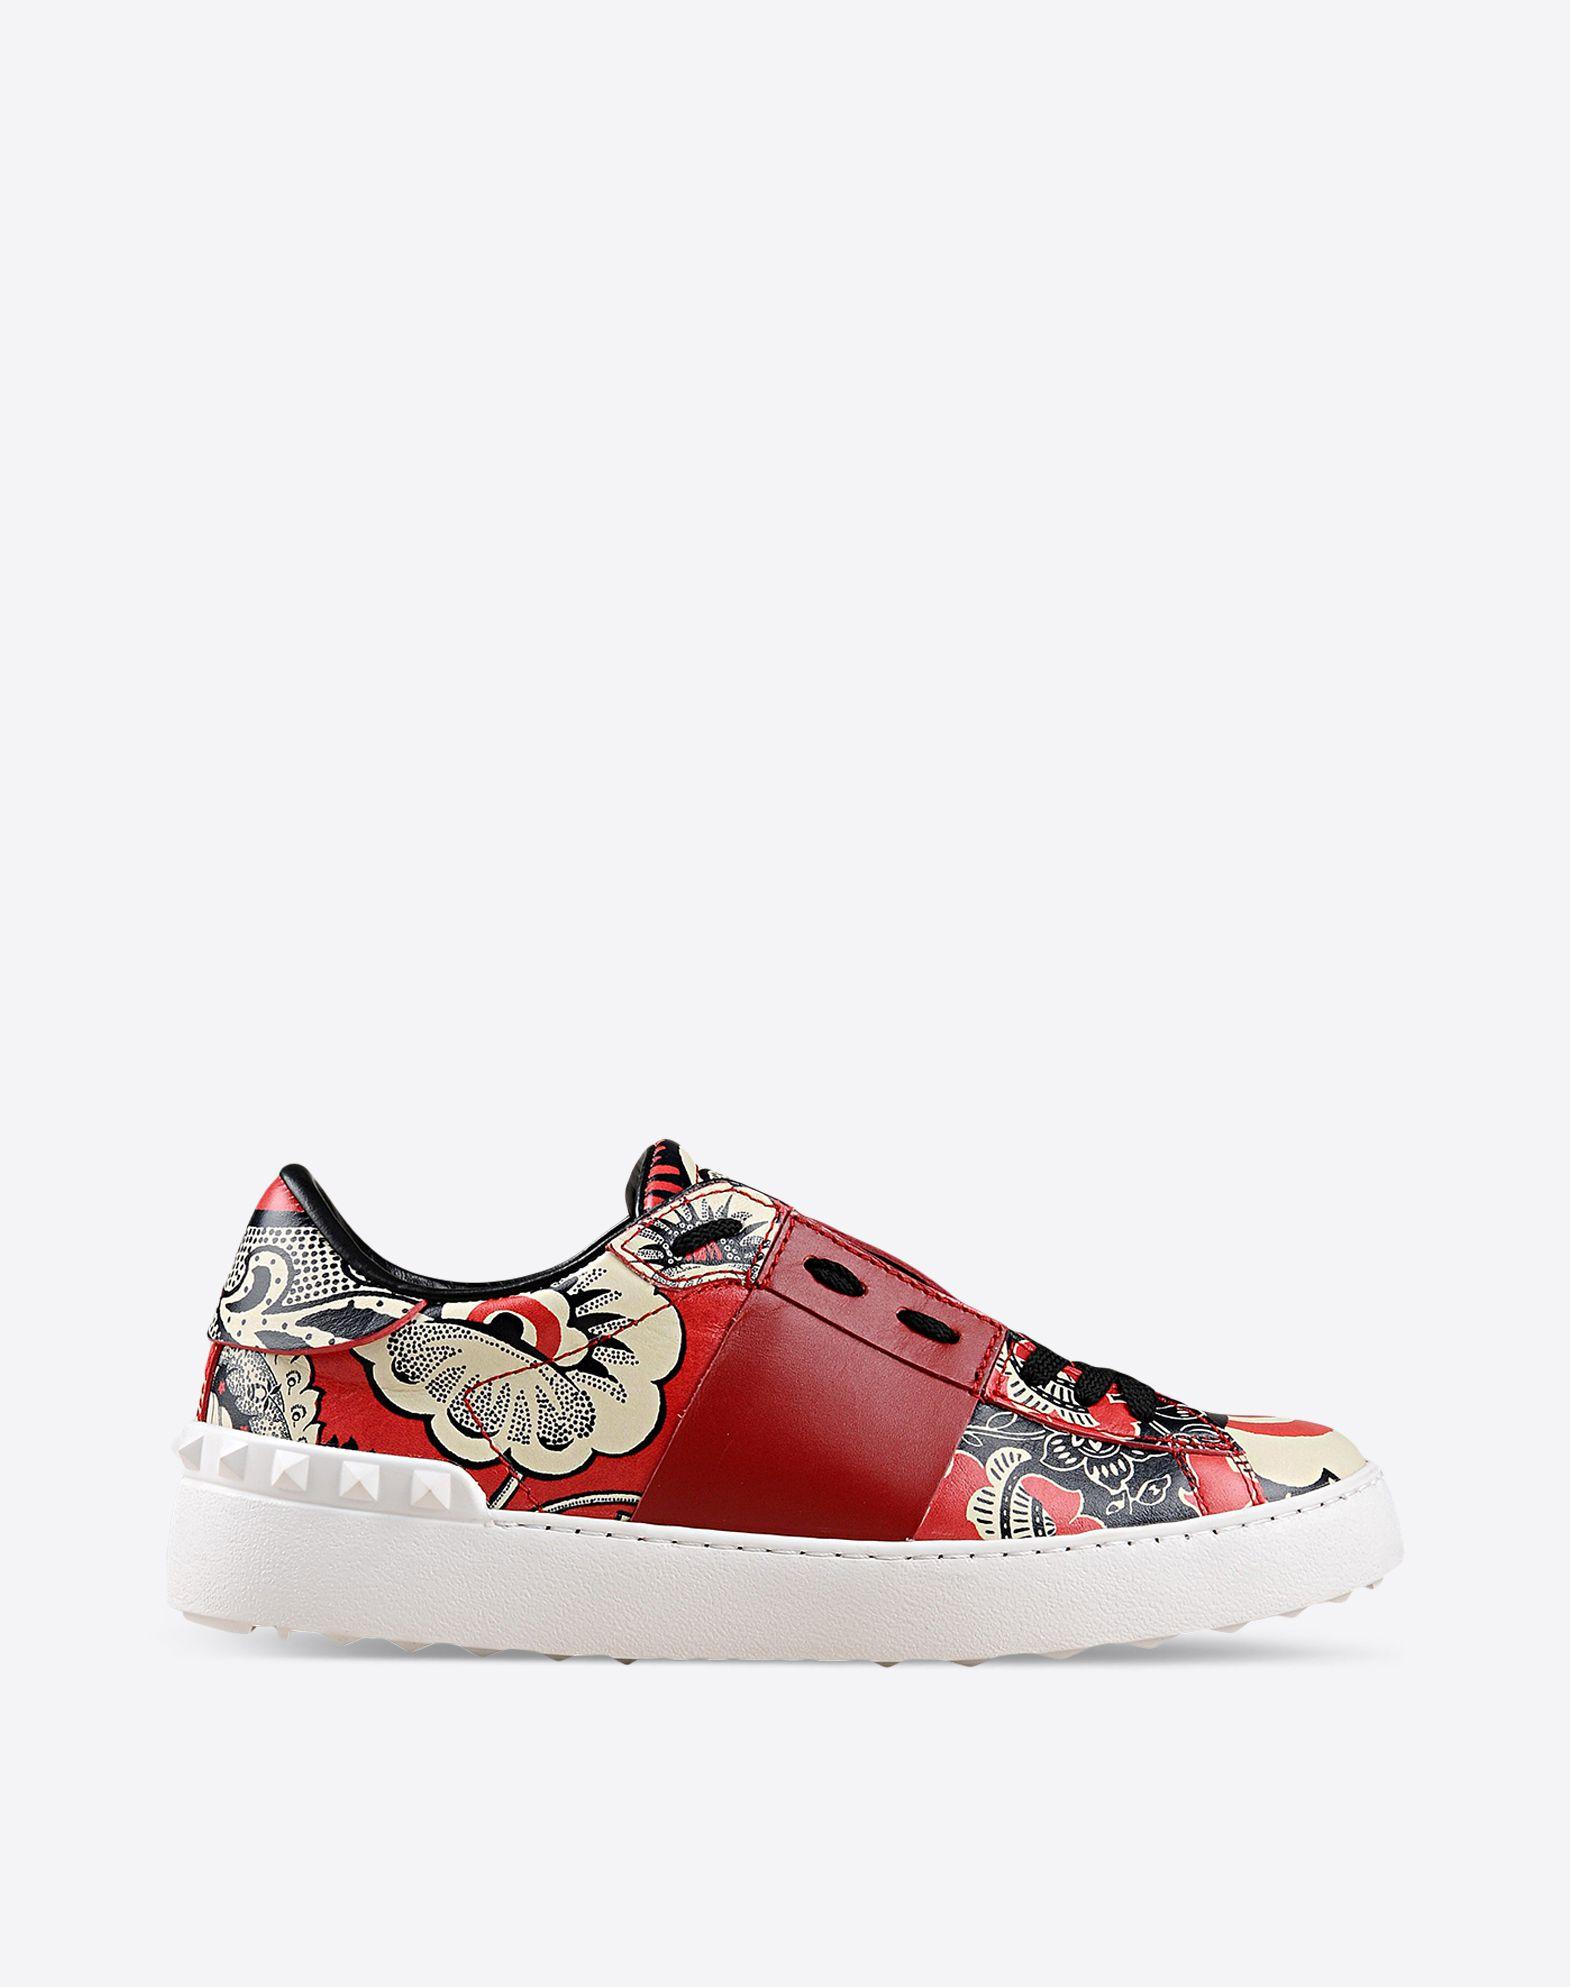 valentino garavani sneaker open valentino garavani sneakers for women valentino online boutique. Black Bedroom Furniture Sets. Home Design Ideas